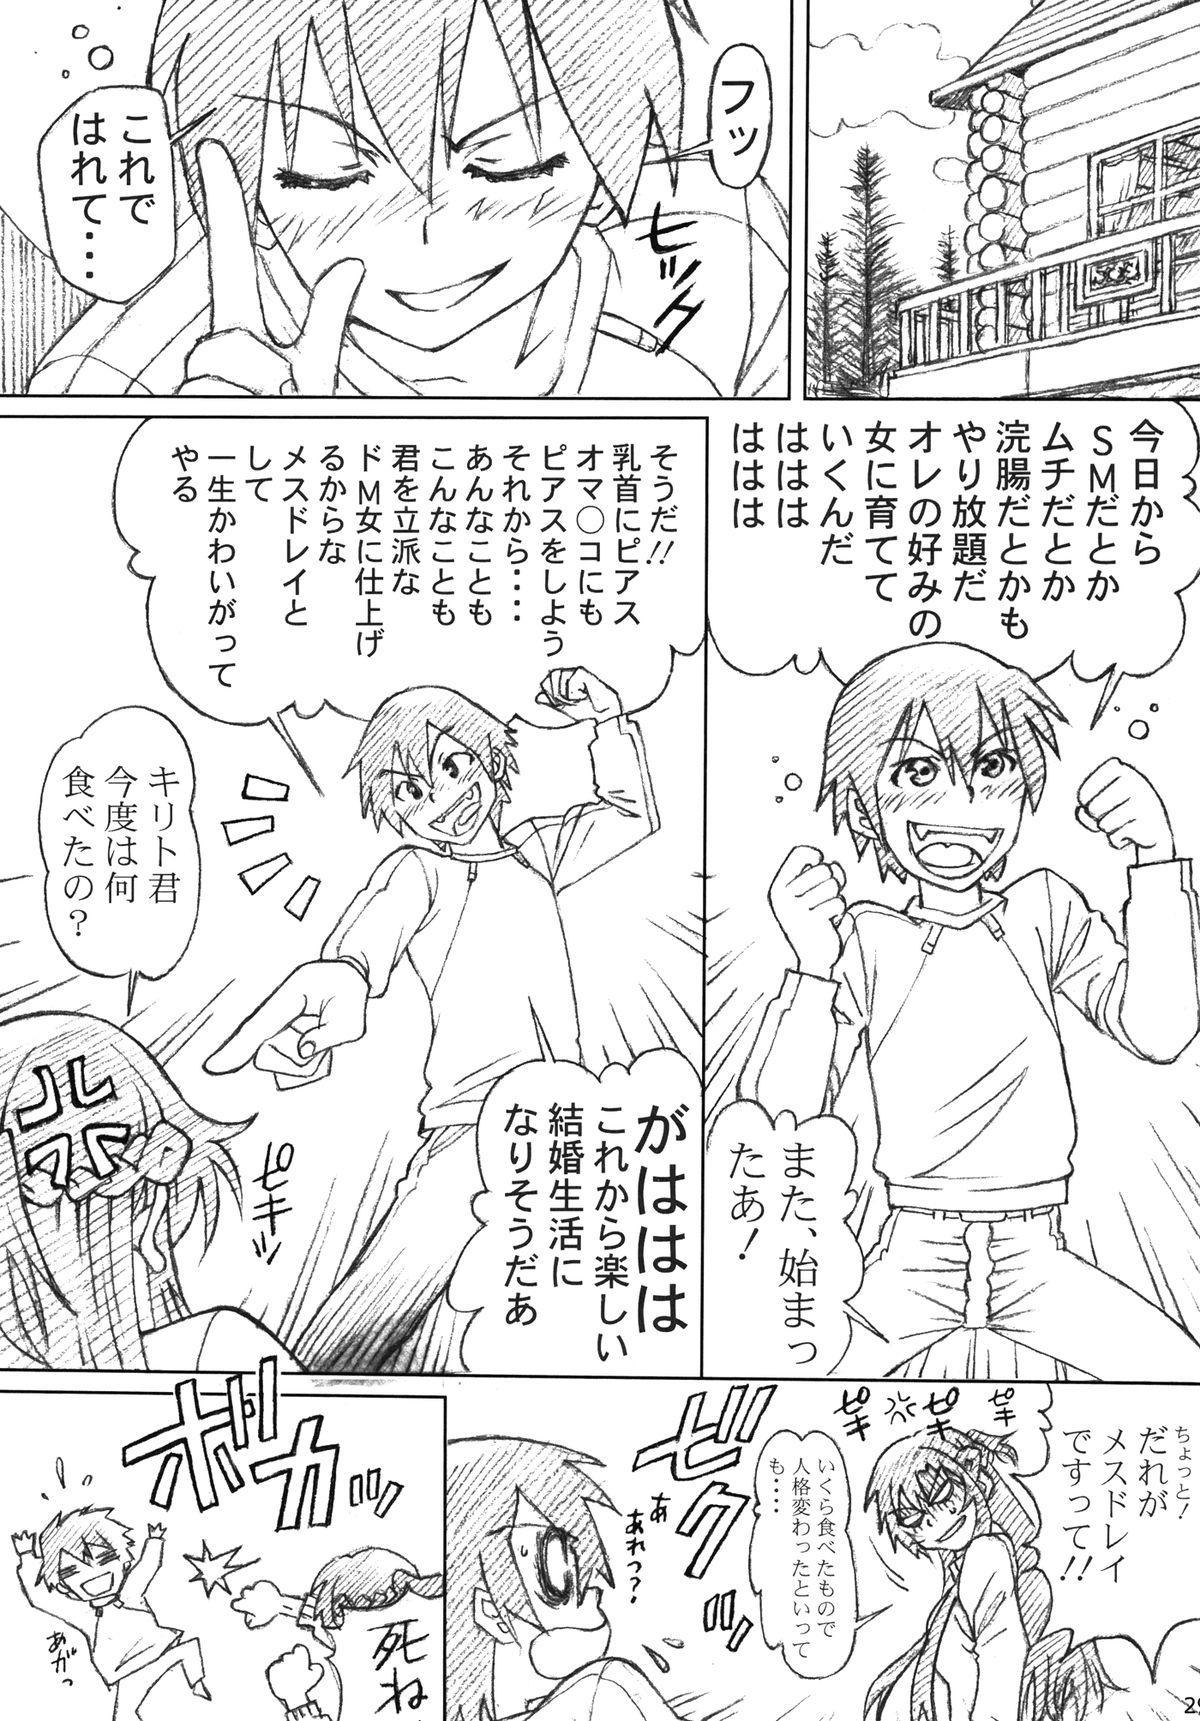 Asuna to Kirito no Icha Love Teki Shinkon Seikatsu 28